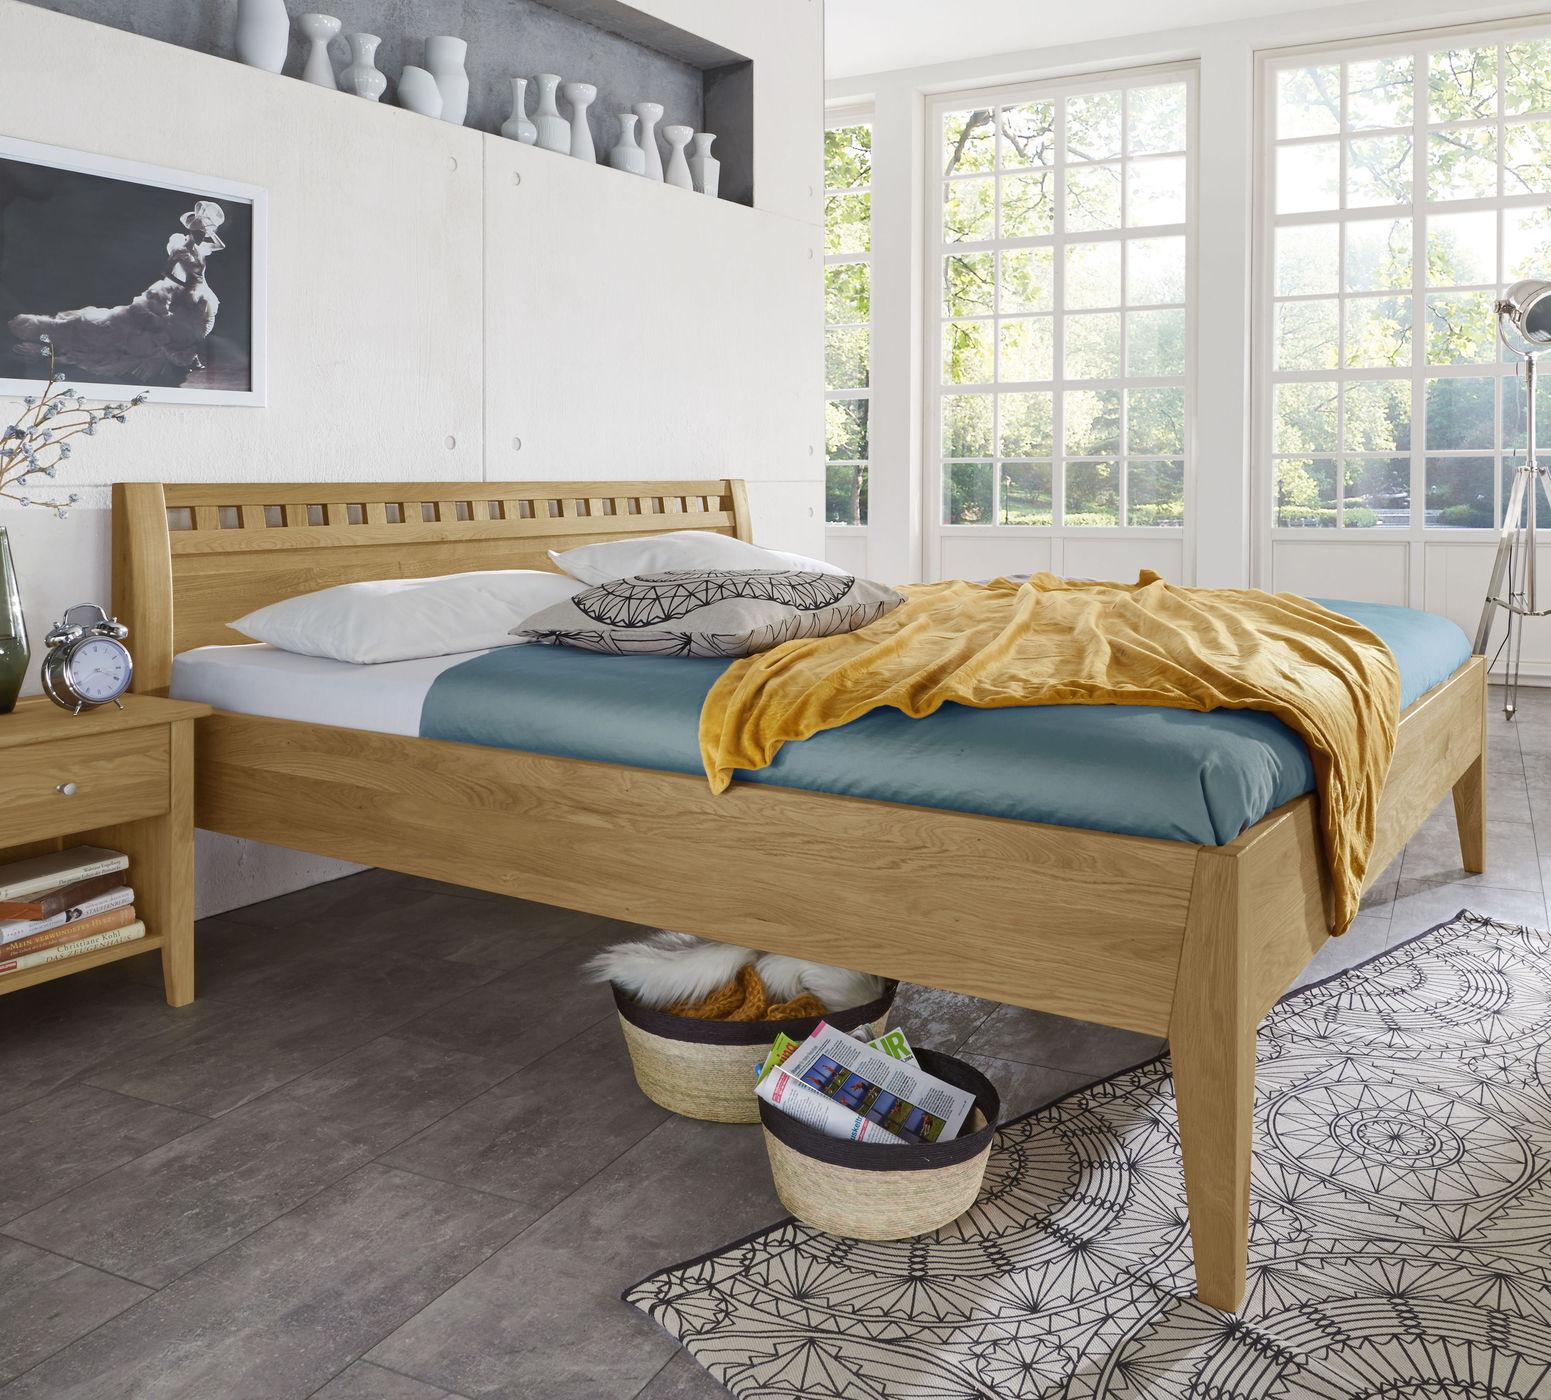 Einzel- und Doppelbett in Komforthöhe Wildeiche massiv - Lancy